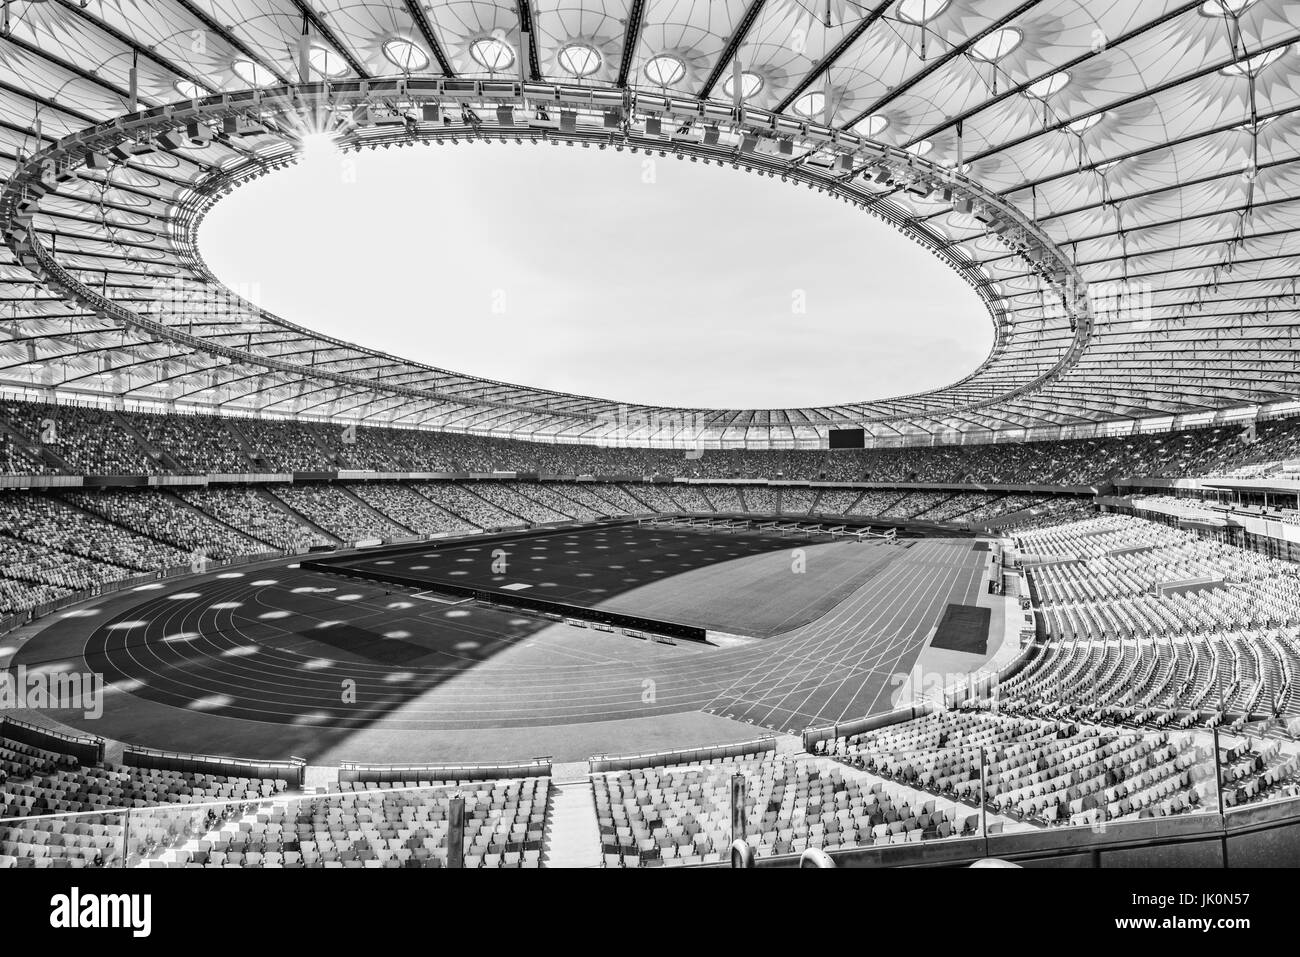 Righe di giallo e blu stadium sedi sul campo di calcio Stadium, in bianco e nero Immagini Stock